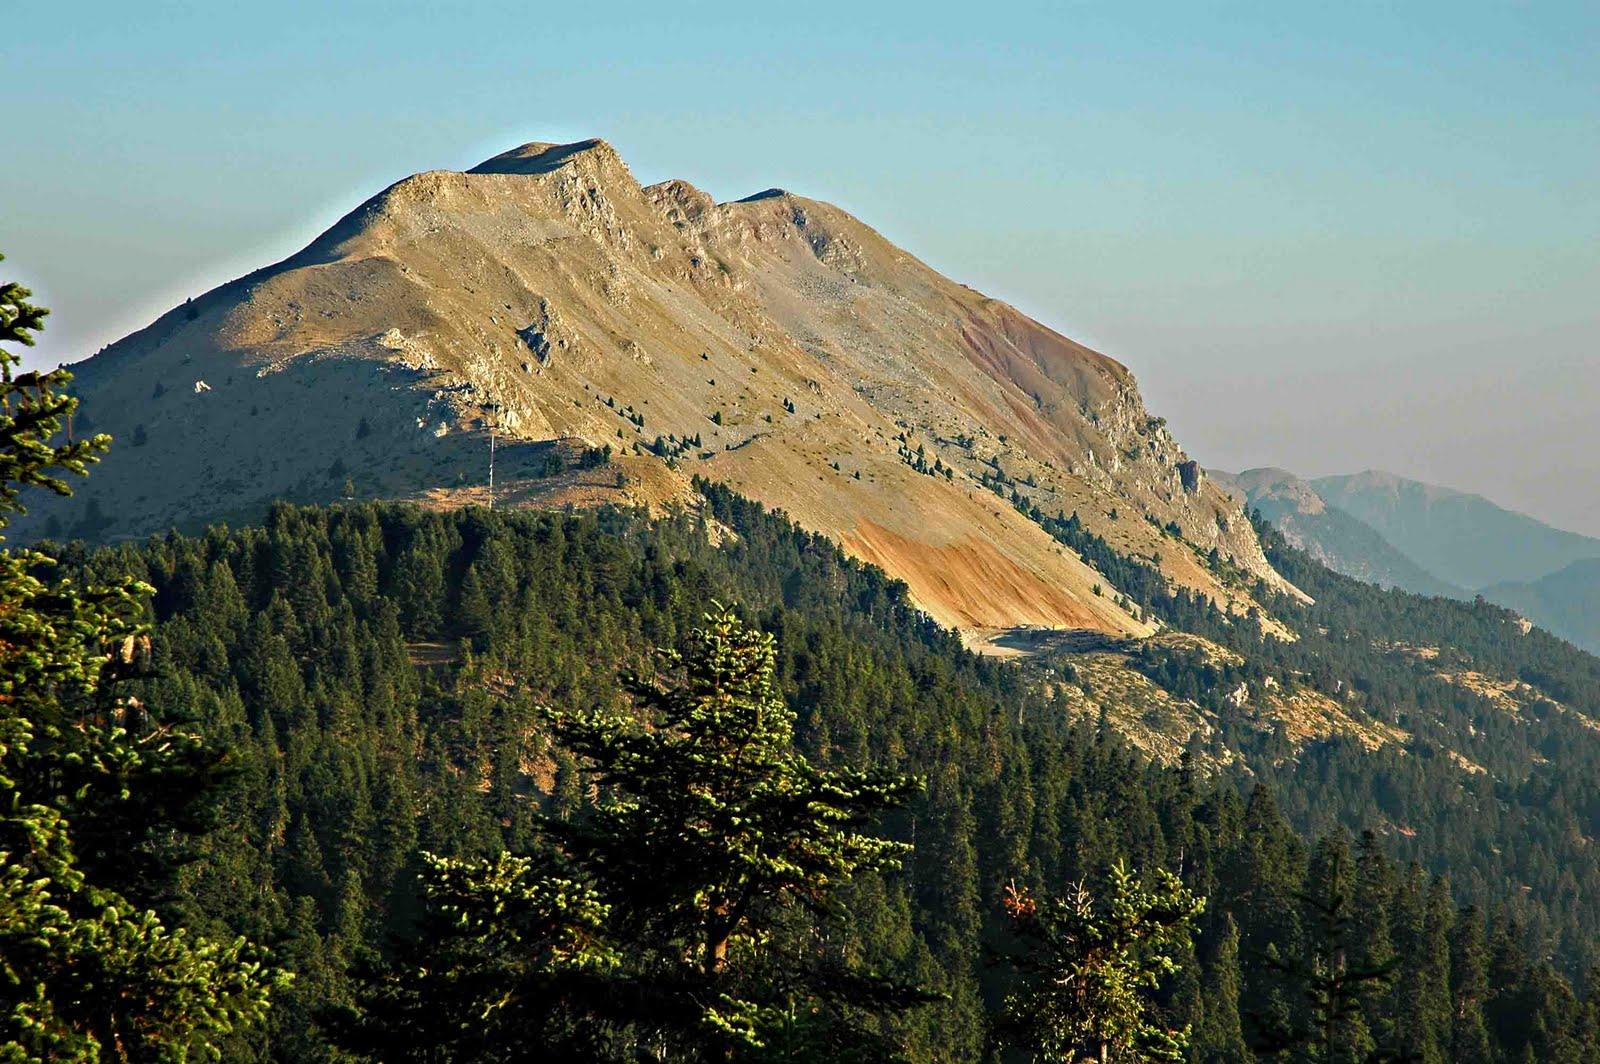 Για την προστασία των Κραβαρίτικων Βουνών...